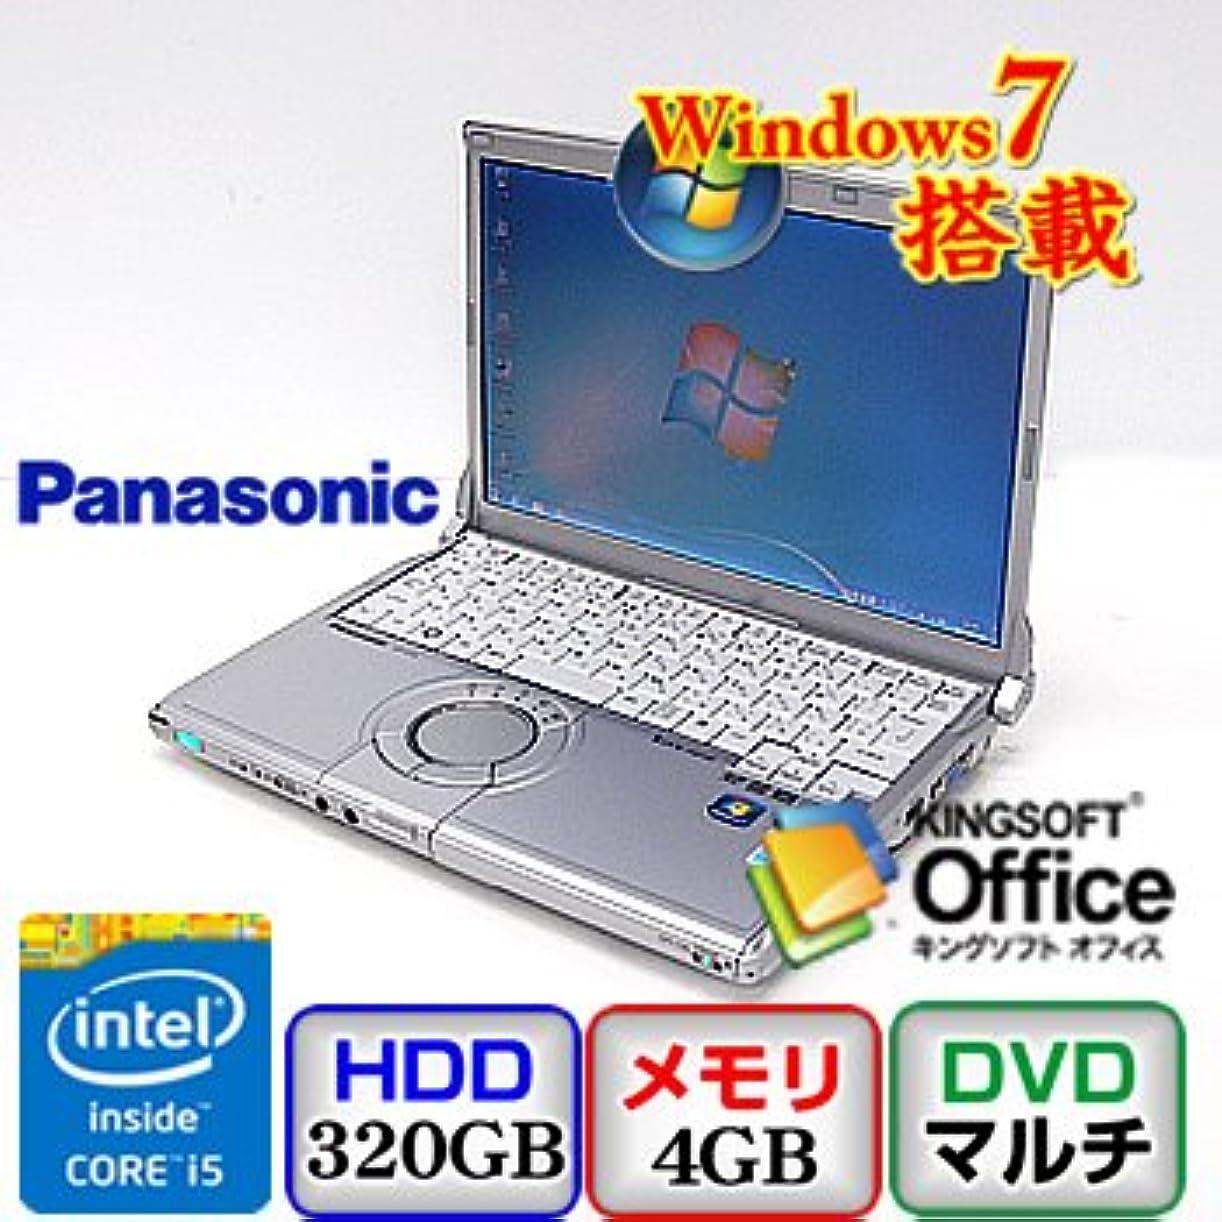 密接にペン汚す【中古ノートパソコン】Panasonic Let's note CF-S10 [CF-S10CWHDS] -Windows7 Professional 32bit Core i5 2.5GHz 4GB 320GB DVDスーパーマルチ 12.1インチ(B0629N054)